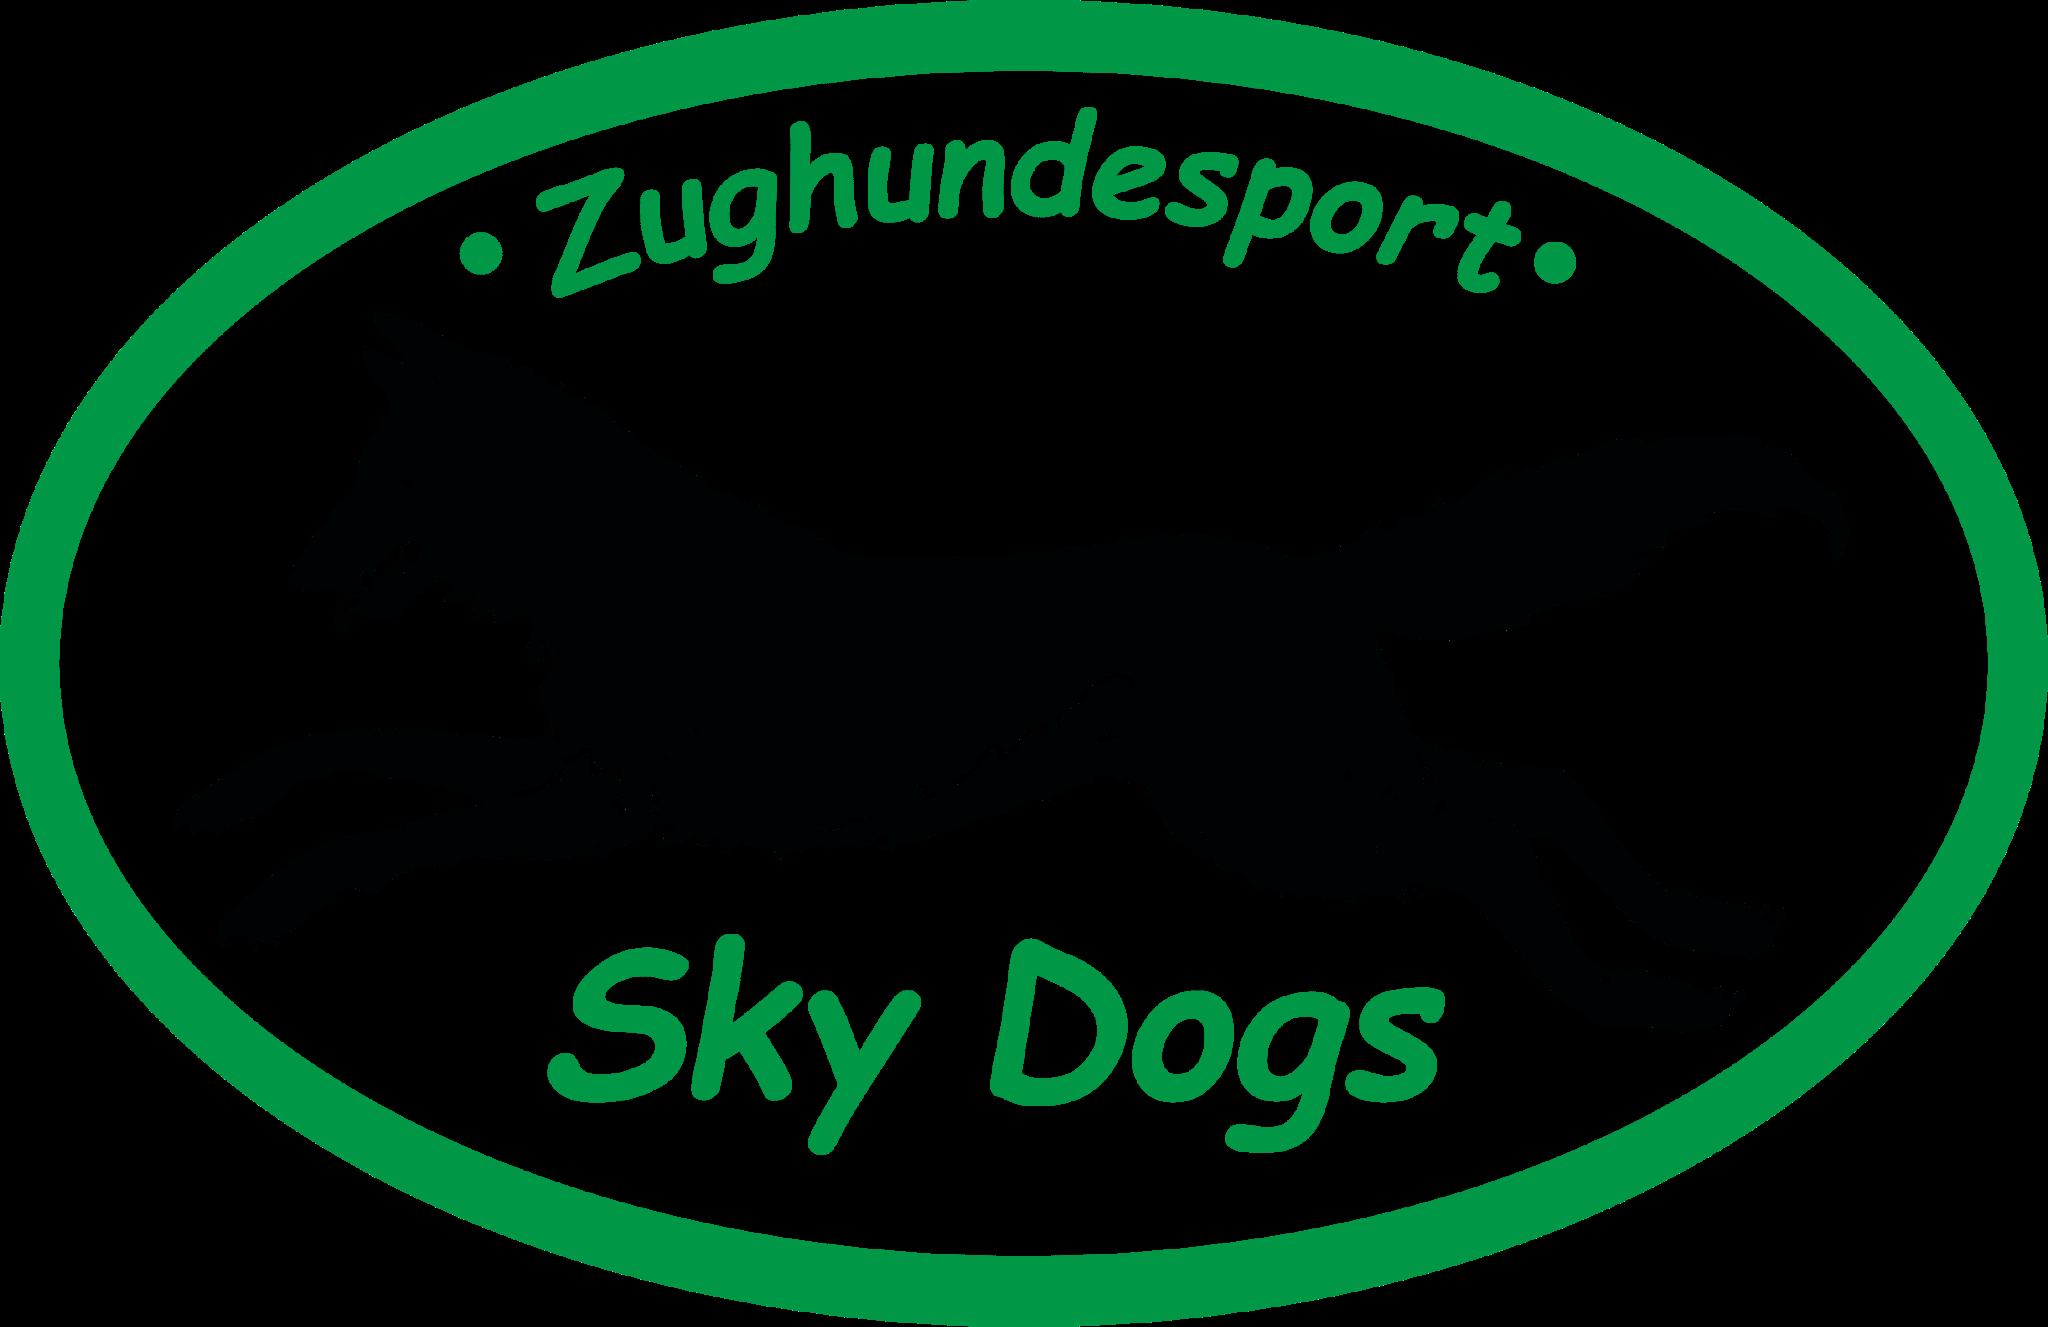 Sky Dogs Shop